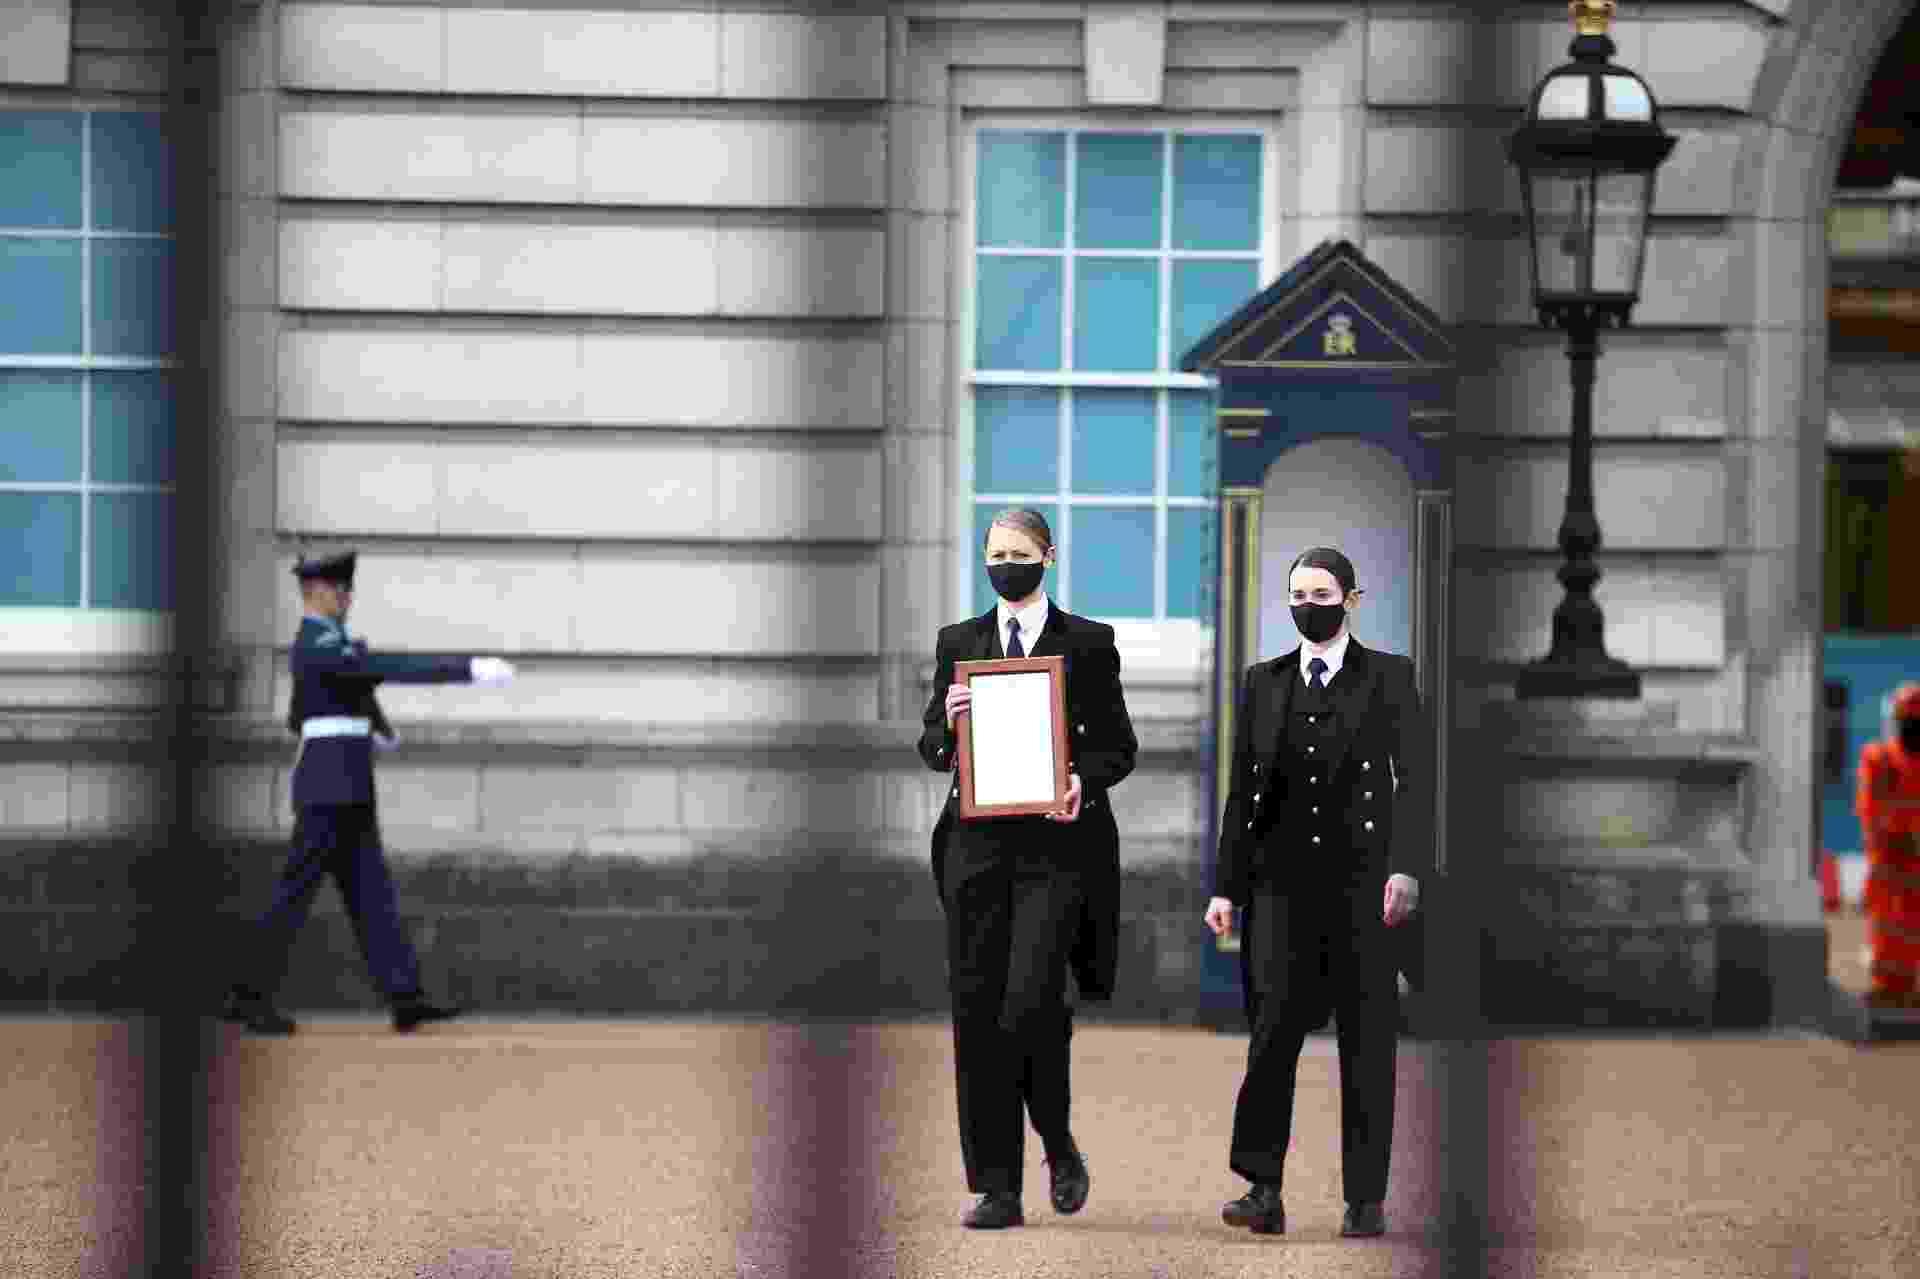 Membros da equipe trazem aviso da morte do príncipe Philip para a cerca do Palácio de Buckingham - HANNAH MCKAY / HANNAH MCKAY